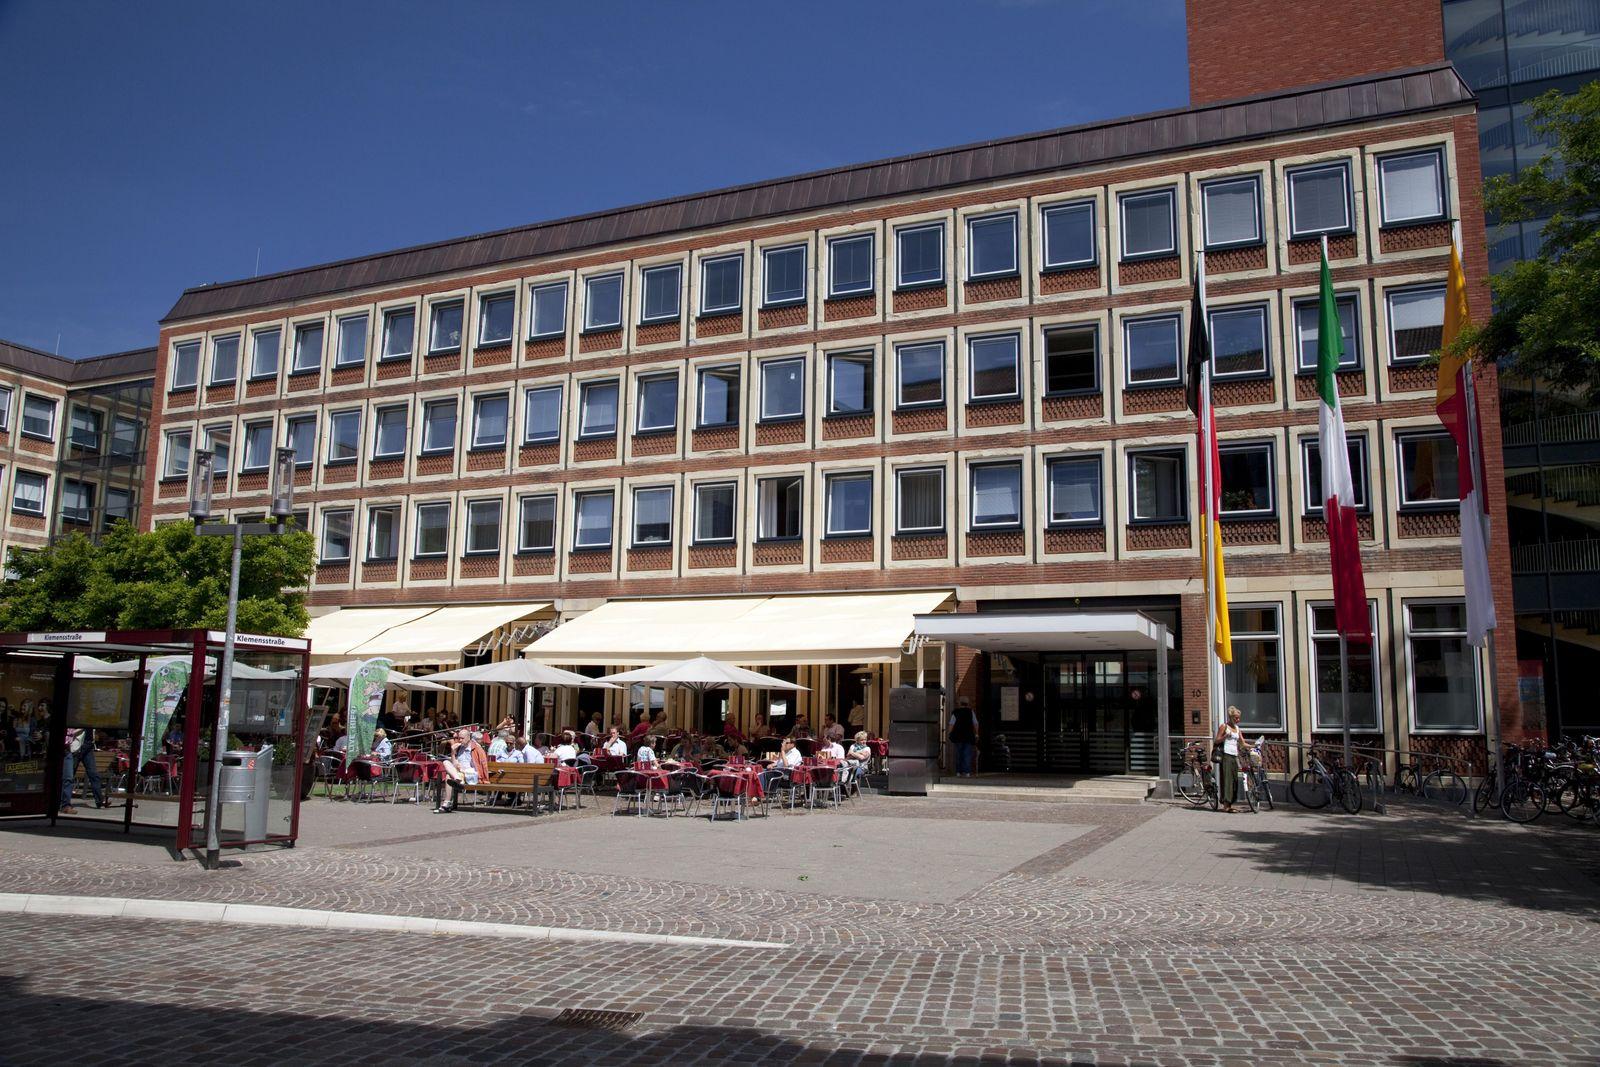 Stadthaus, Stadt Münster, Münsterland, Nordrhein-Westfalen, Deutschland, Europa